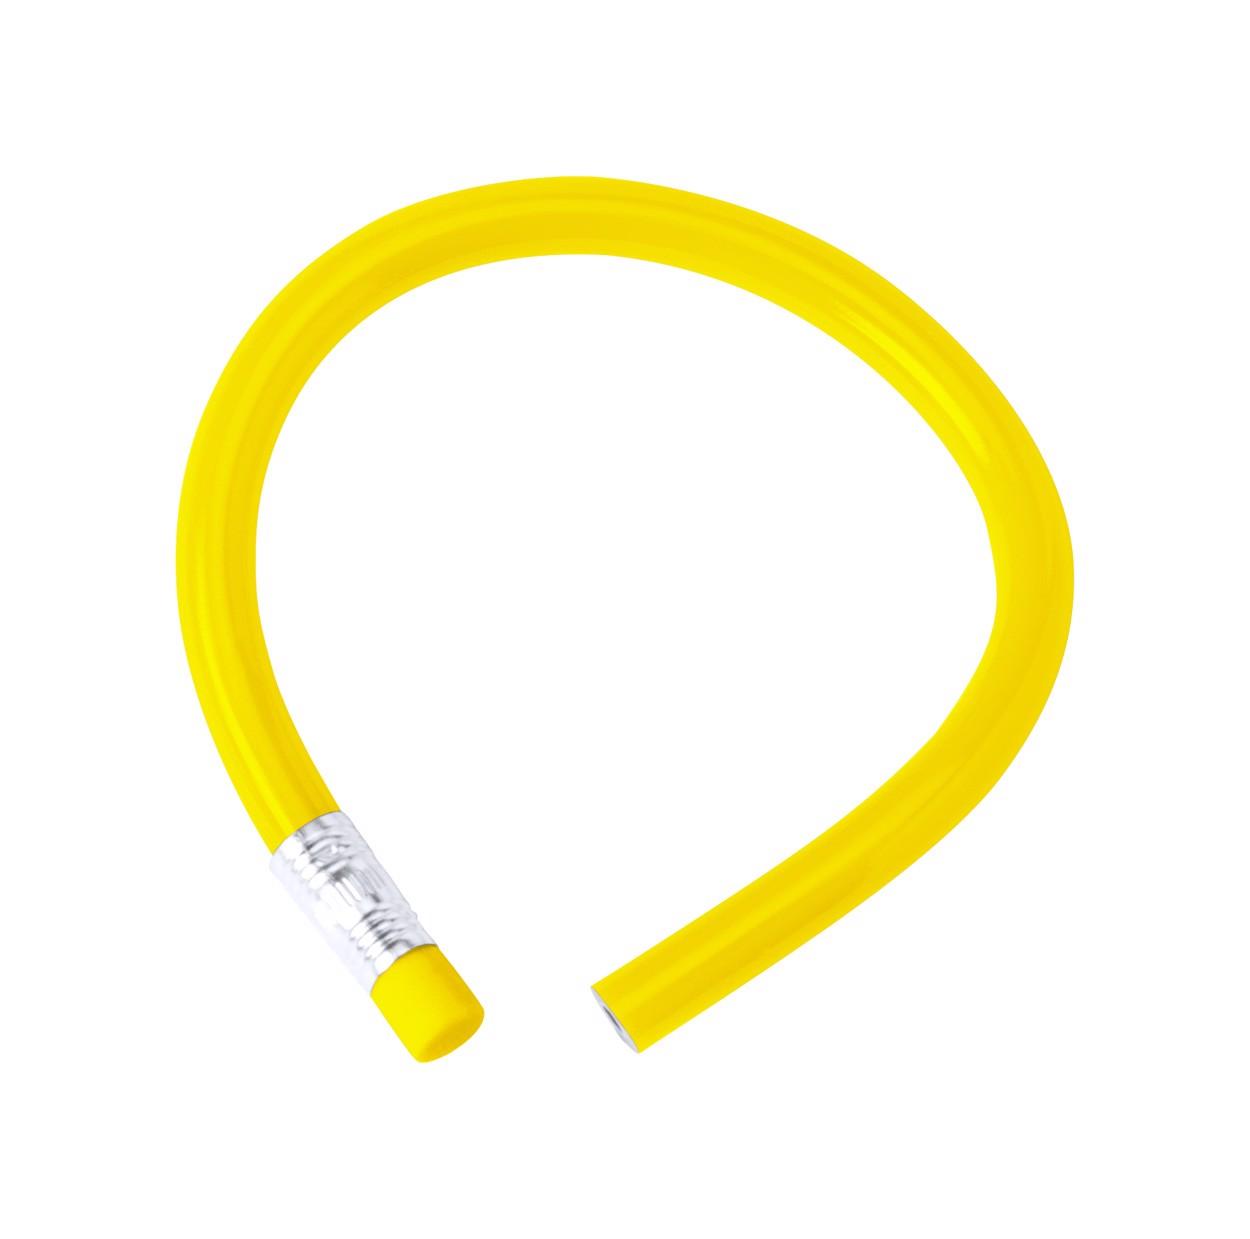 Ohebná Tužka Pimbur - Žlutá